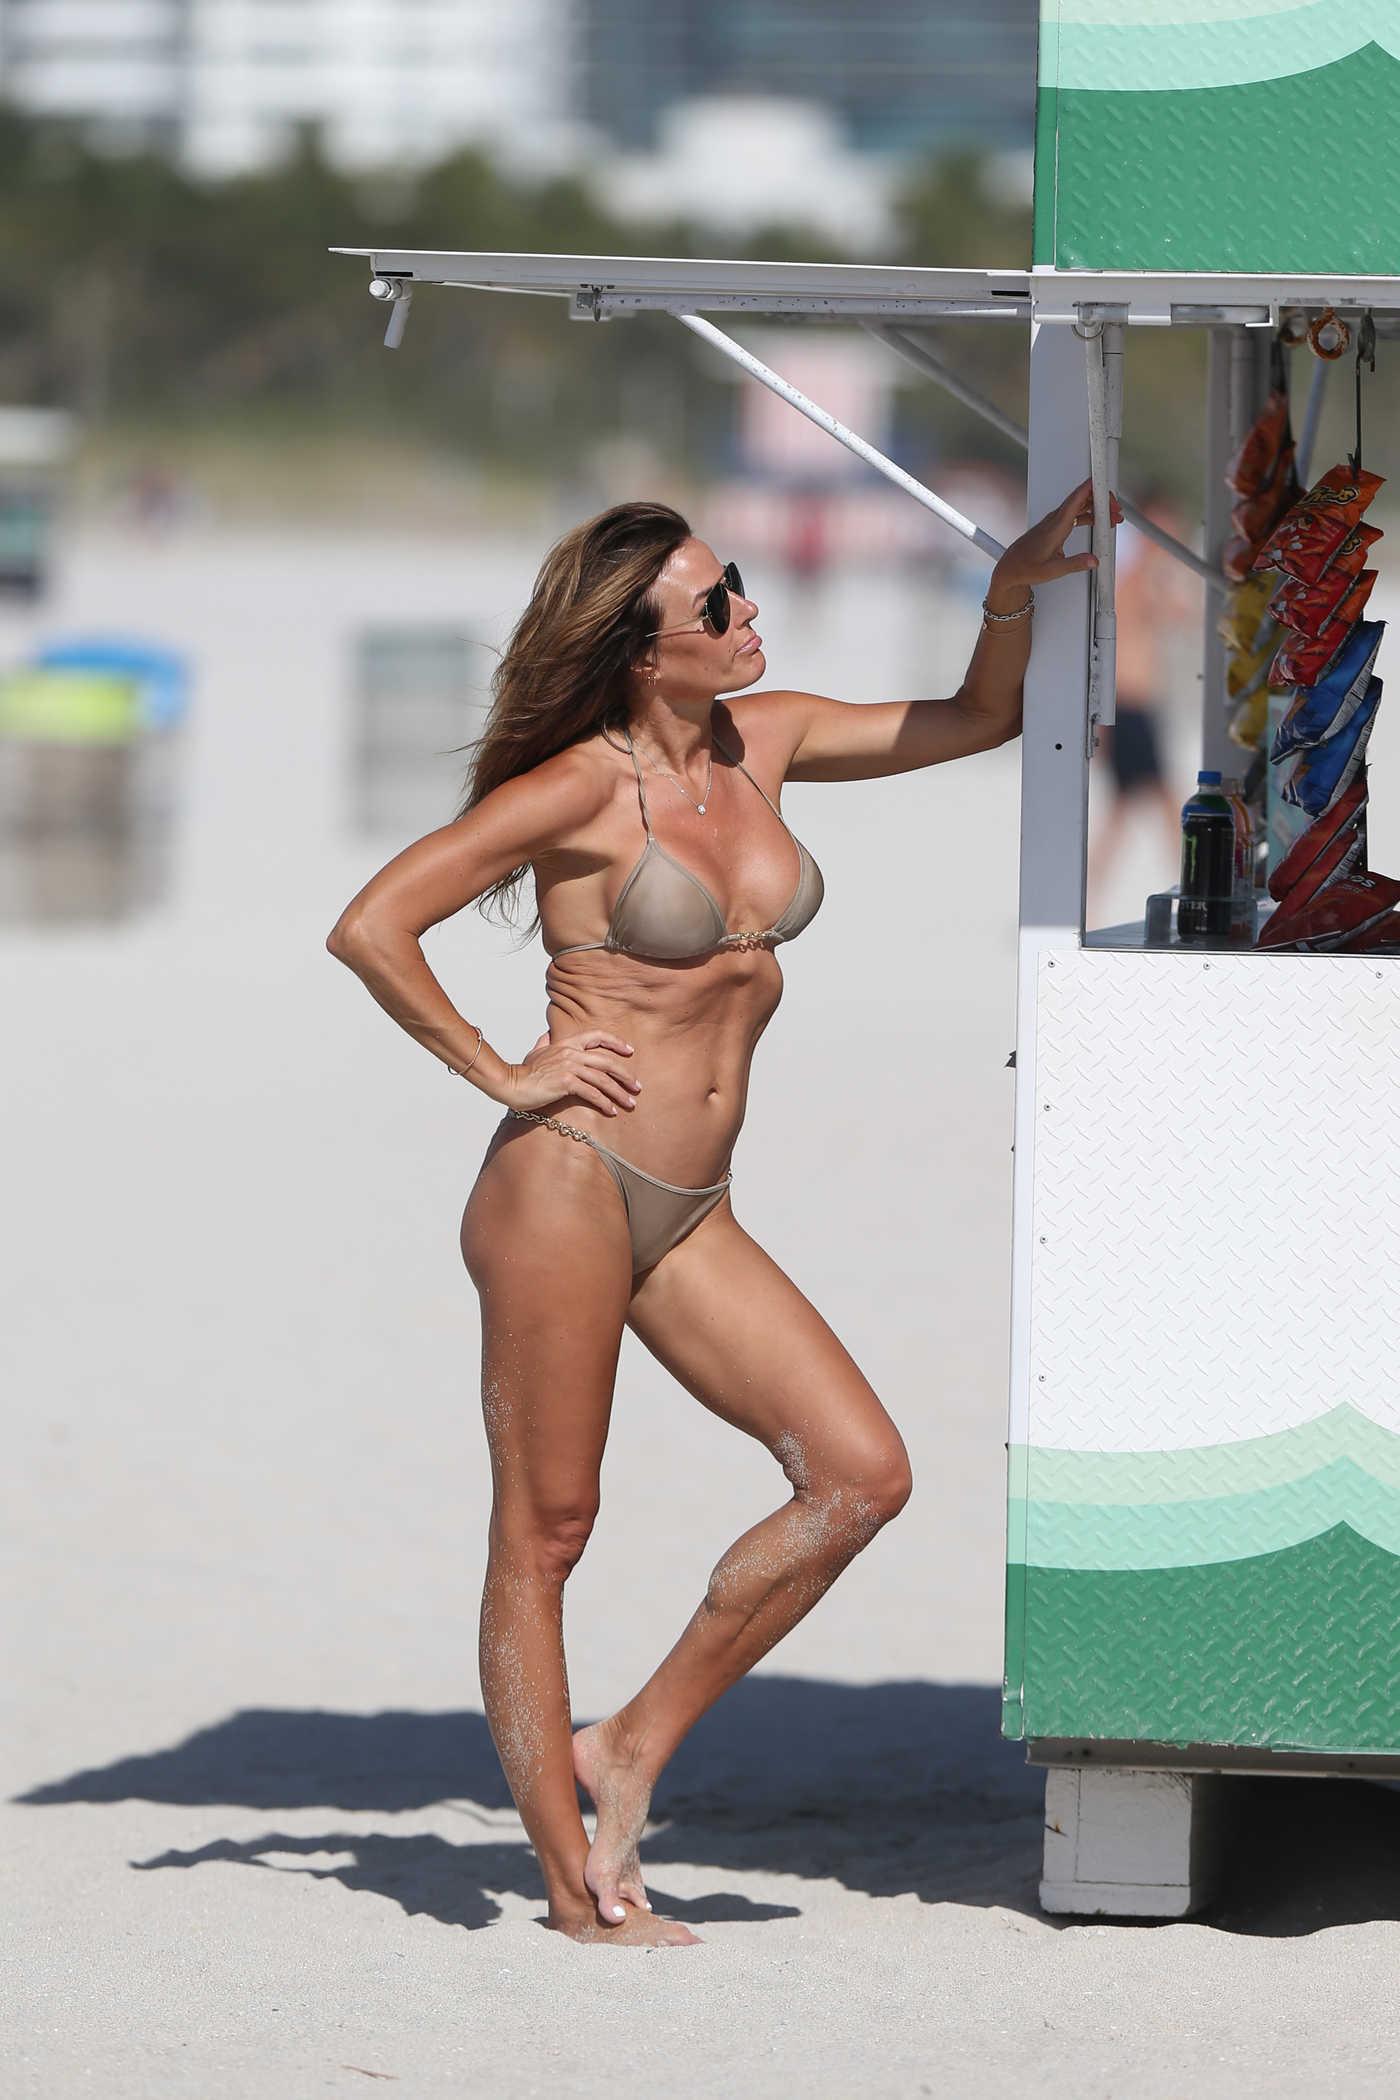 Kelly Bensimon in a Beige Bikini on the Beath in Miami 01/01/2019